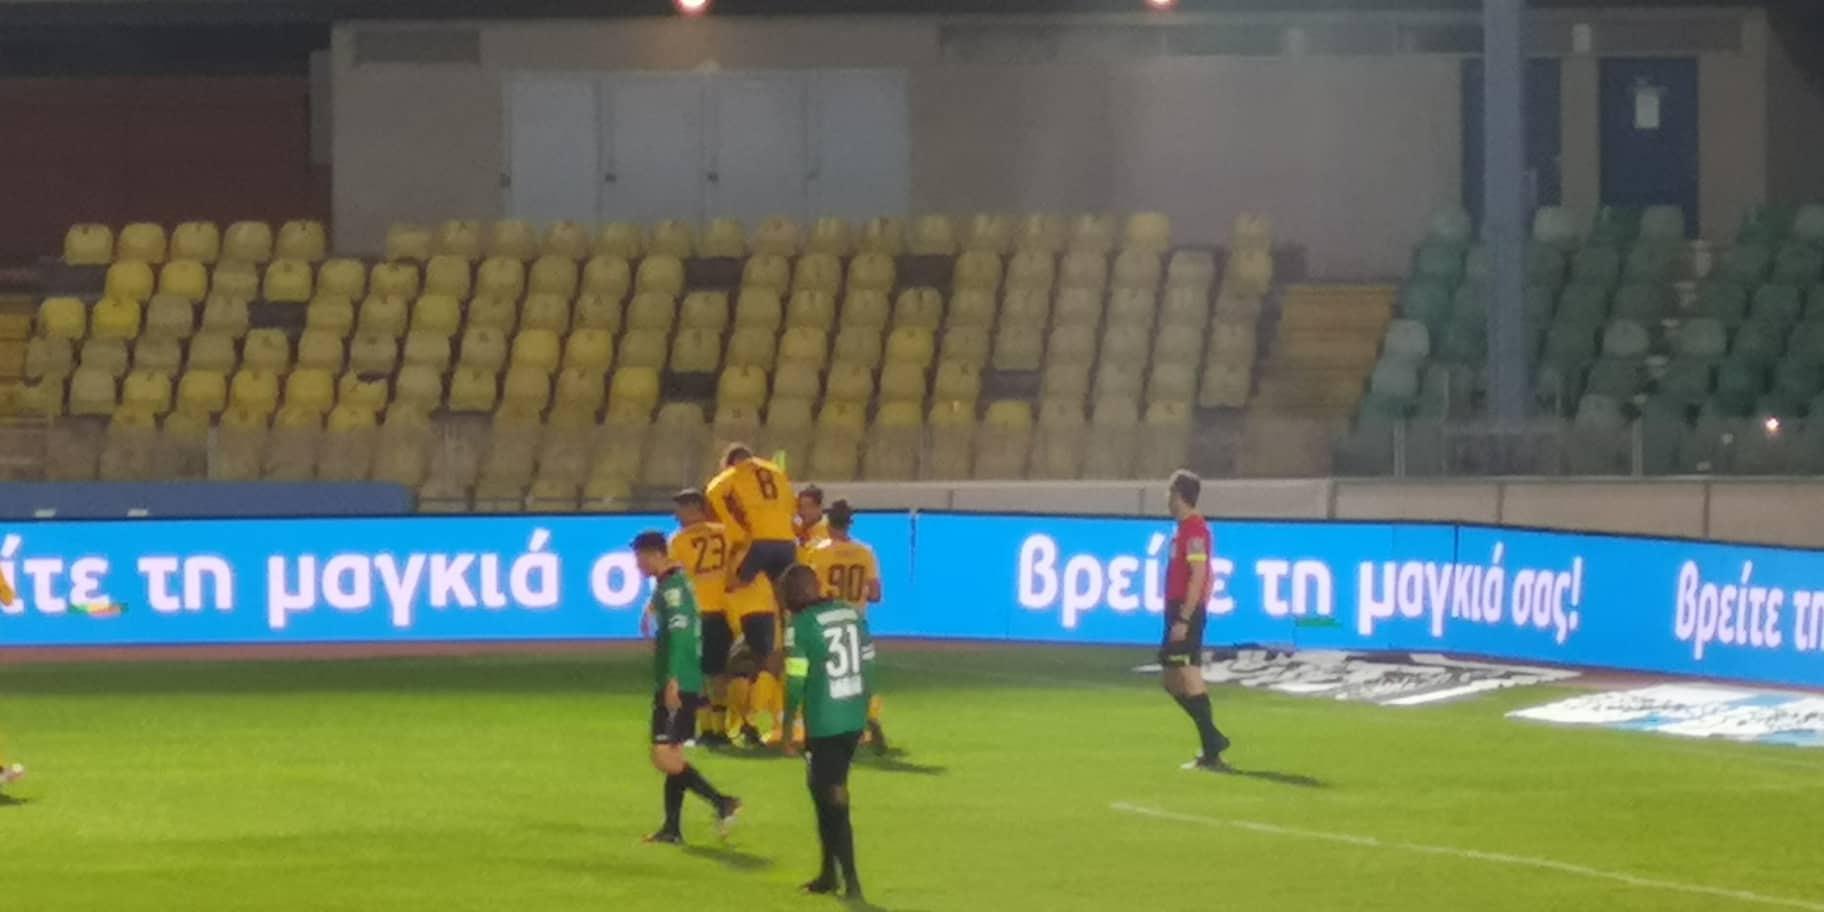 (ΚΑΙ IVE I) AEL 3-0 Olympiacos Kerkida.net